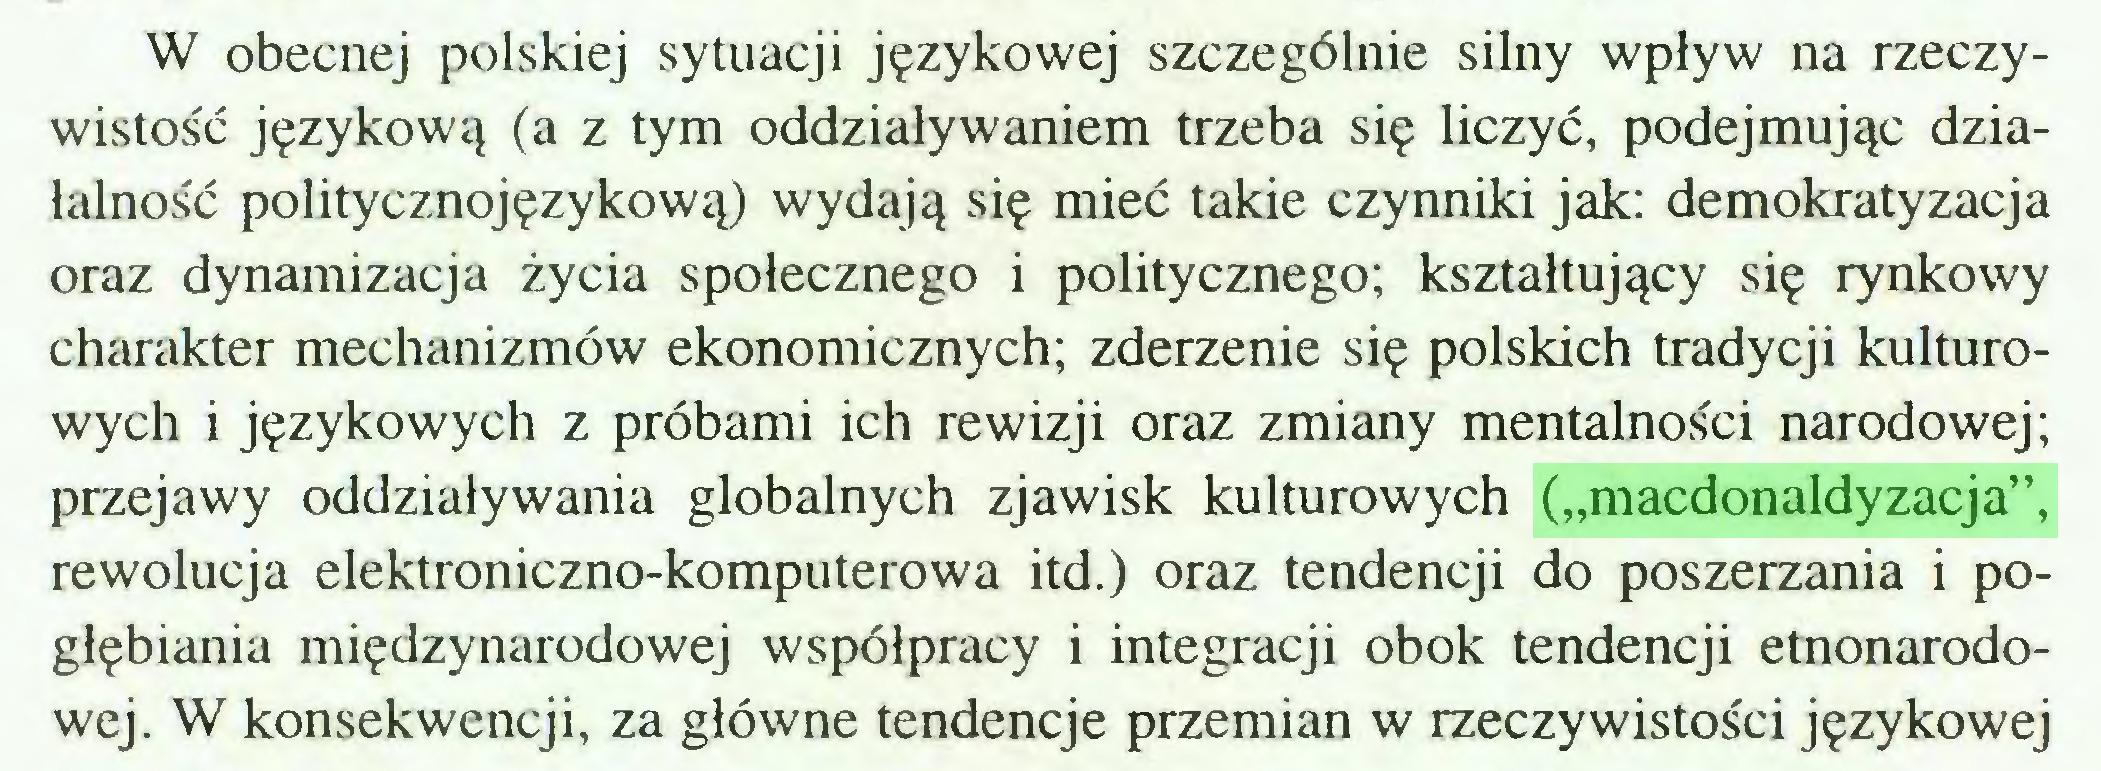 """(...) W obecnej polskiej sytuacji językowej szczególnie silny wpływ na rzeczywistość językową (a z tym oddziaływaniem trzeba się liczyć, podejmując działalność politycznojęzykową) wydają się mieć takie czynniki jak: demokratyzacja oraz dynamizacja życia społecznego i politycznego; kształtujący się rynkowy charakter mechanizmów ekonomicznych; zderzenie się polskich tradycji kulturowych i językowych z próbami ich rewizji oraz zmiany mentalności narodowej; przejawy oddziaływania globalnych zjawisk kulturowych (""""macdonaldyzacja"""", rewolucja elektroniczno-komputerowa itd.) oraz tendencji do poszerzania i pogłębiania międzynarodowej współpracy i integracji obok tendencji etnonarodowej. W konsekwencji, za główne tendencje przemian w rzeczywistości językowej..."""